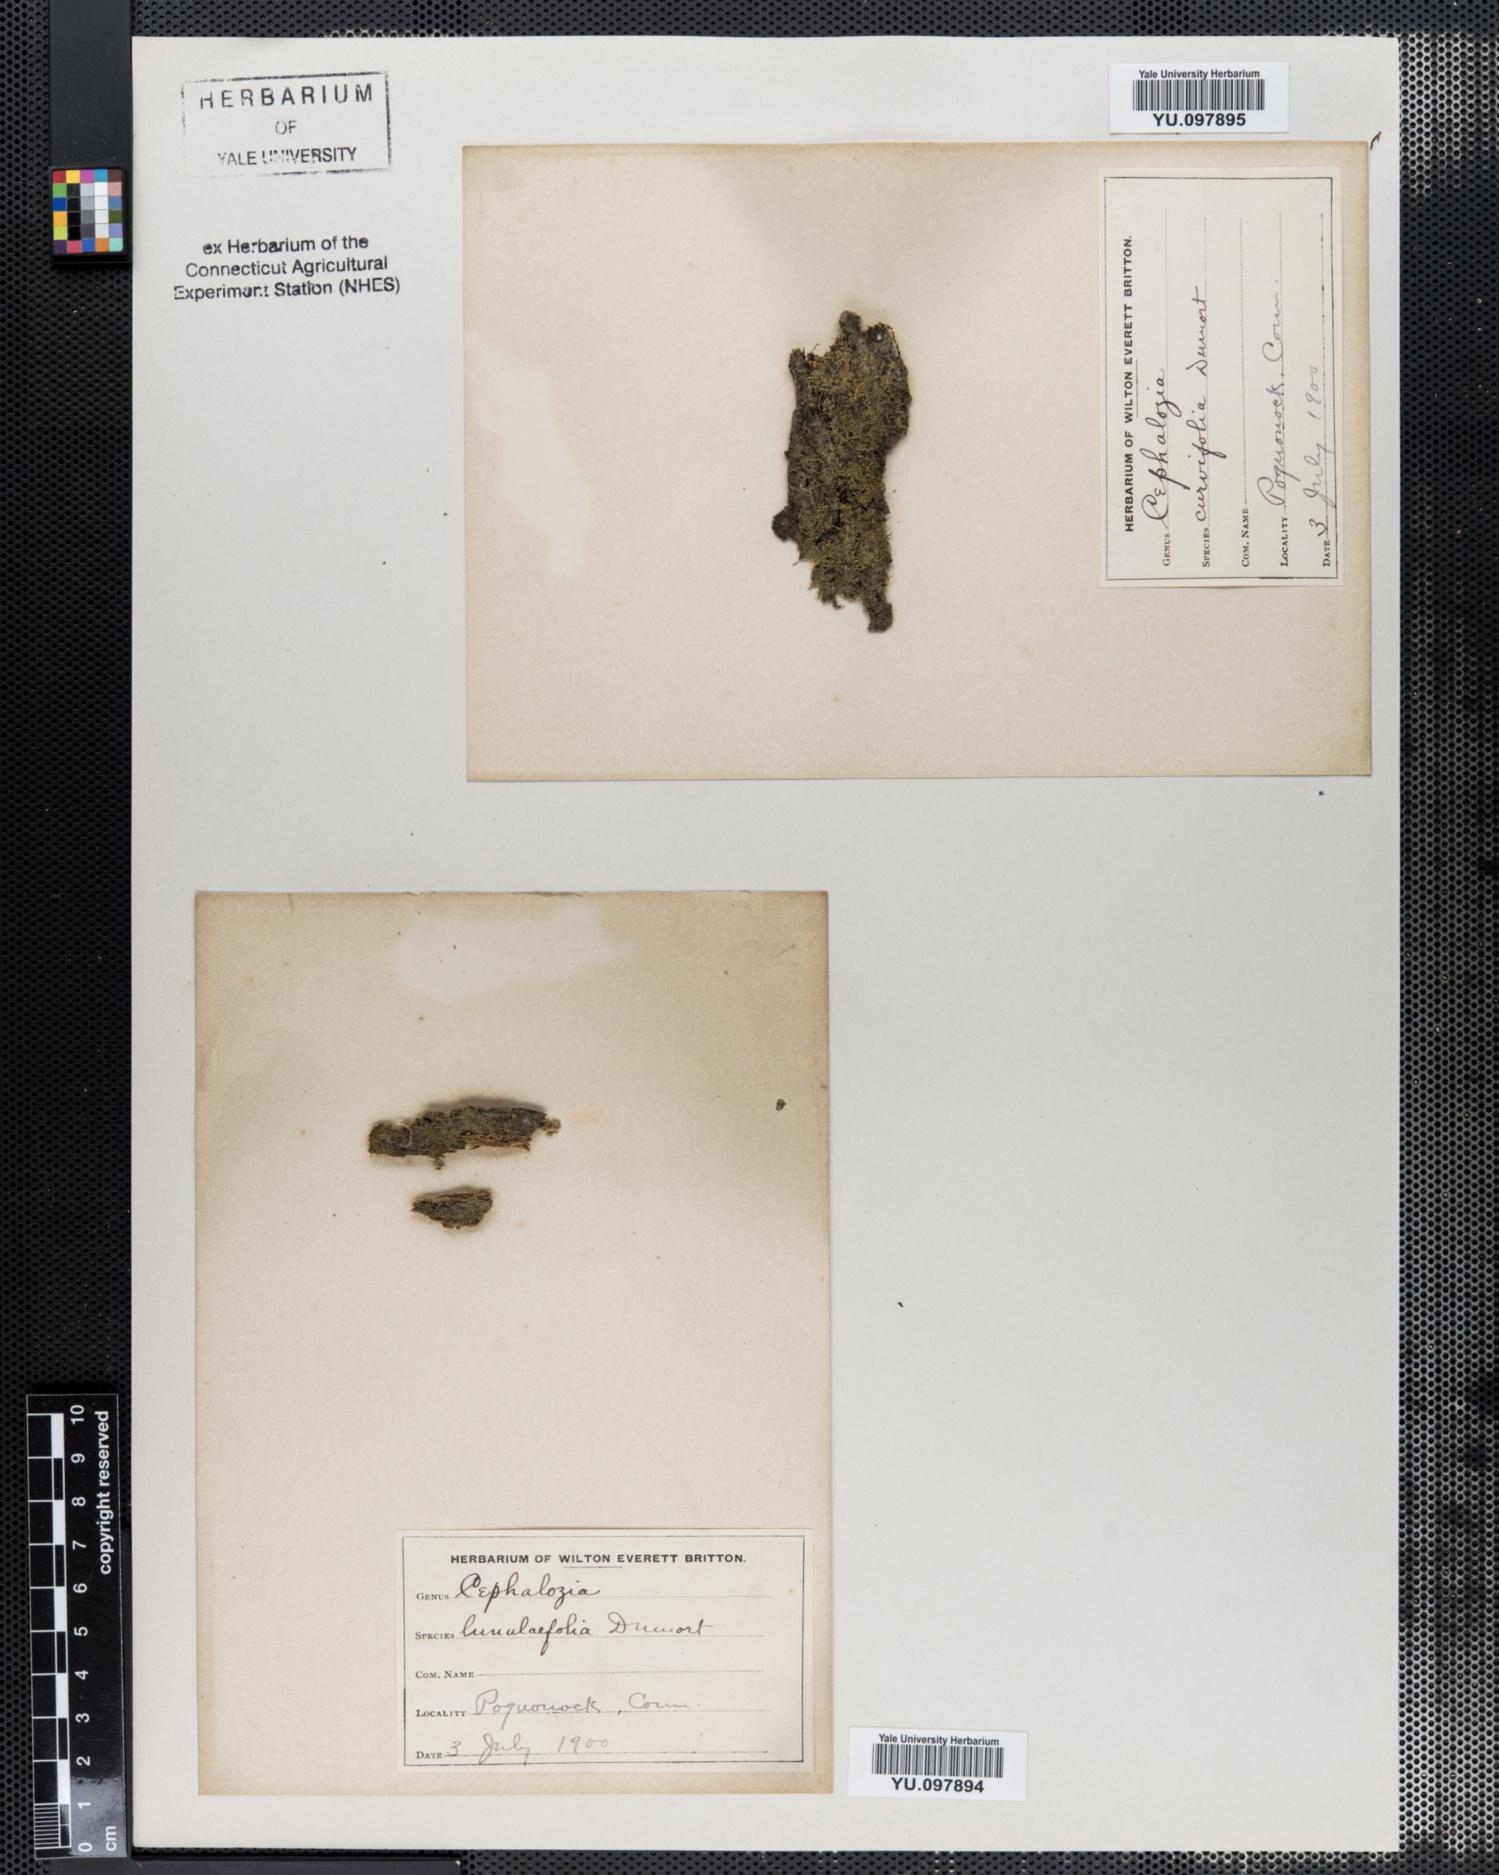 Cephalozia lunulifolia image